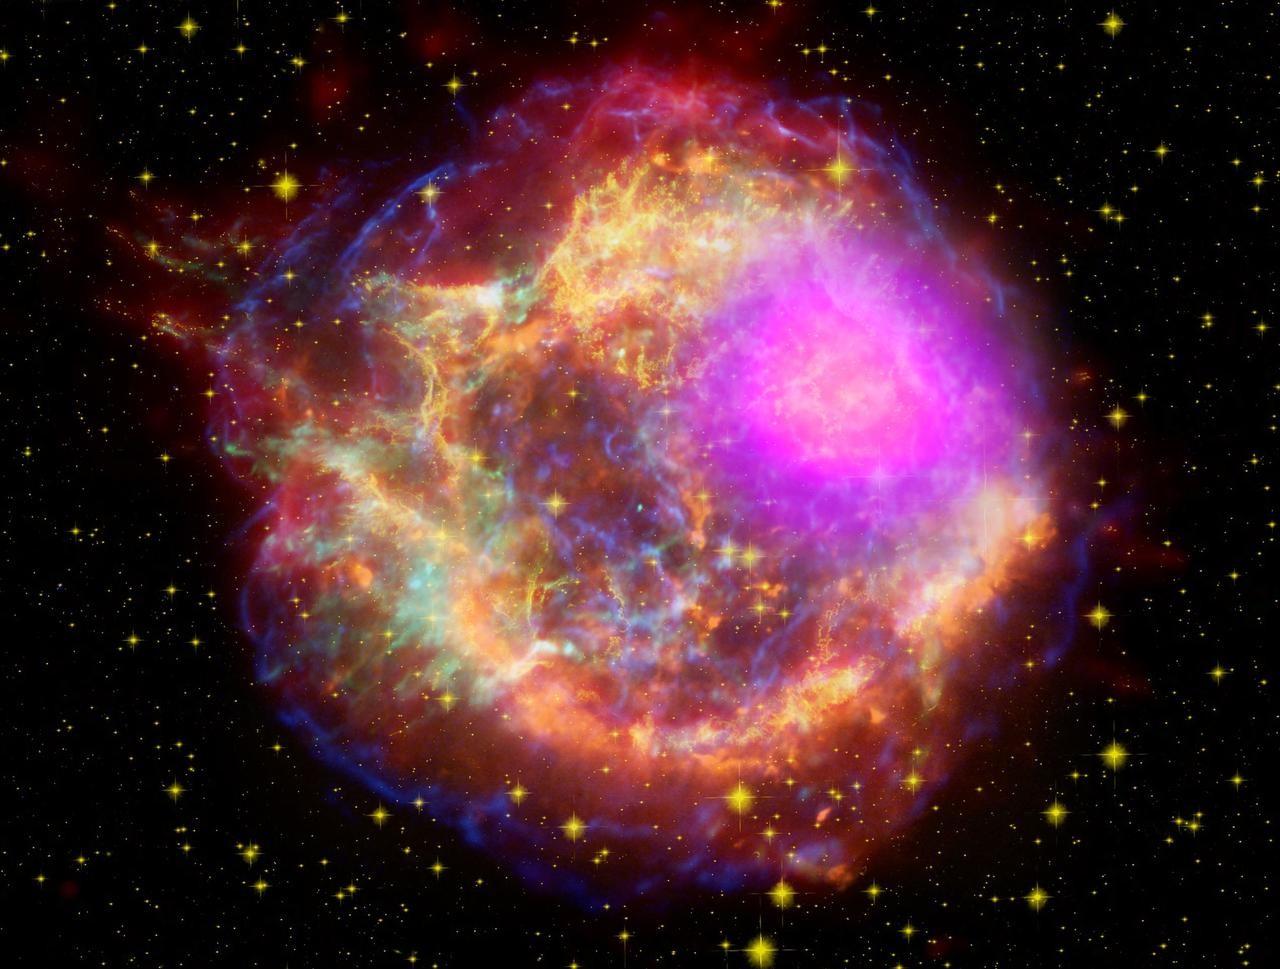 Essa imagem, capturada pelo Telescópio Fermi Gamma-ray da NASA, mostra a supernova Cassiopeia A, que emite radiação que é um bilhão de vezes mais energética do que a luz visível.  (Foto: NASA Goddard)